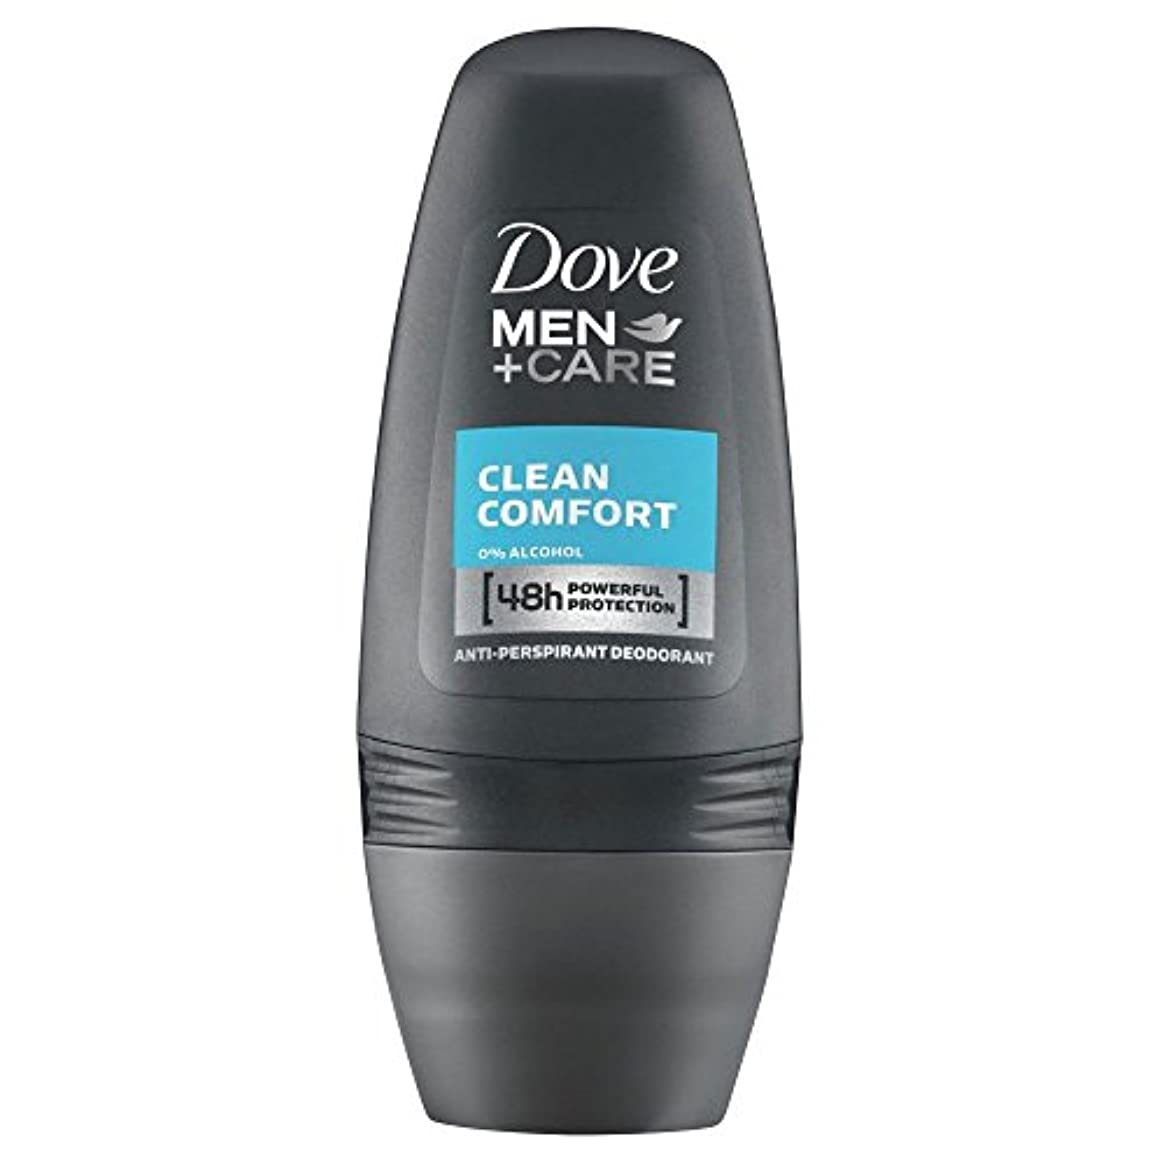 事件、出来事博覧会に対応するDove Men + Care Antiperspirant Deodorant - Clean Comfort Roll-On (50ml) クリーンコンフォートロールオン( 50ミリリットル) - 鳩の男性は制汗デオドラントケア...